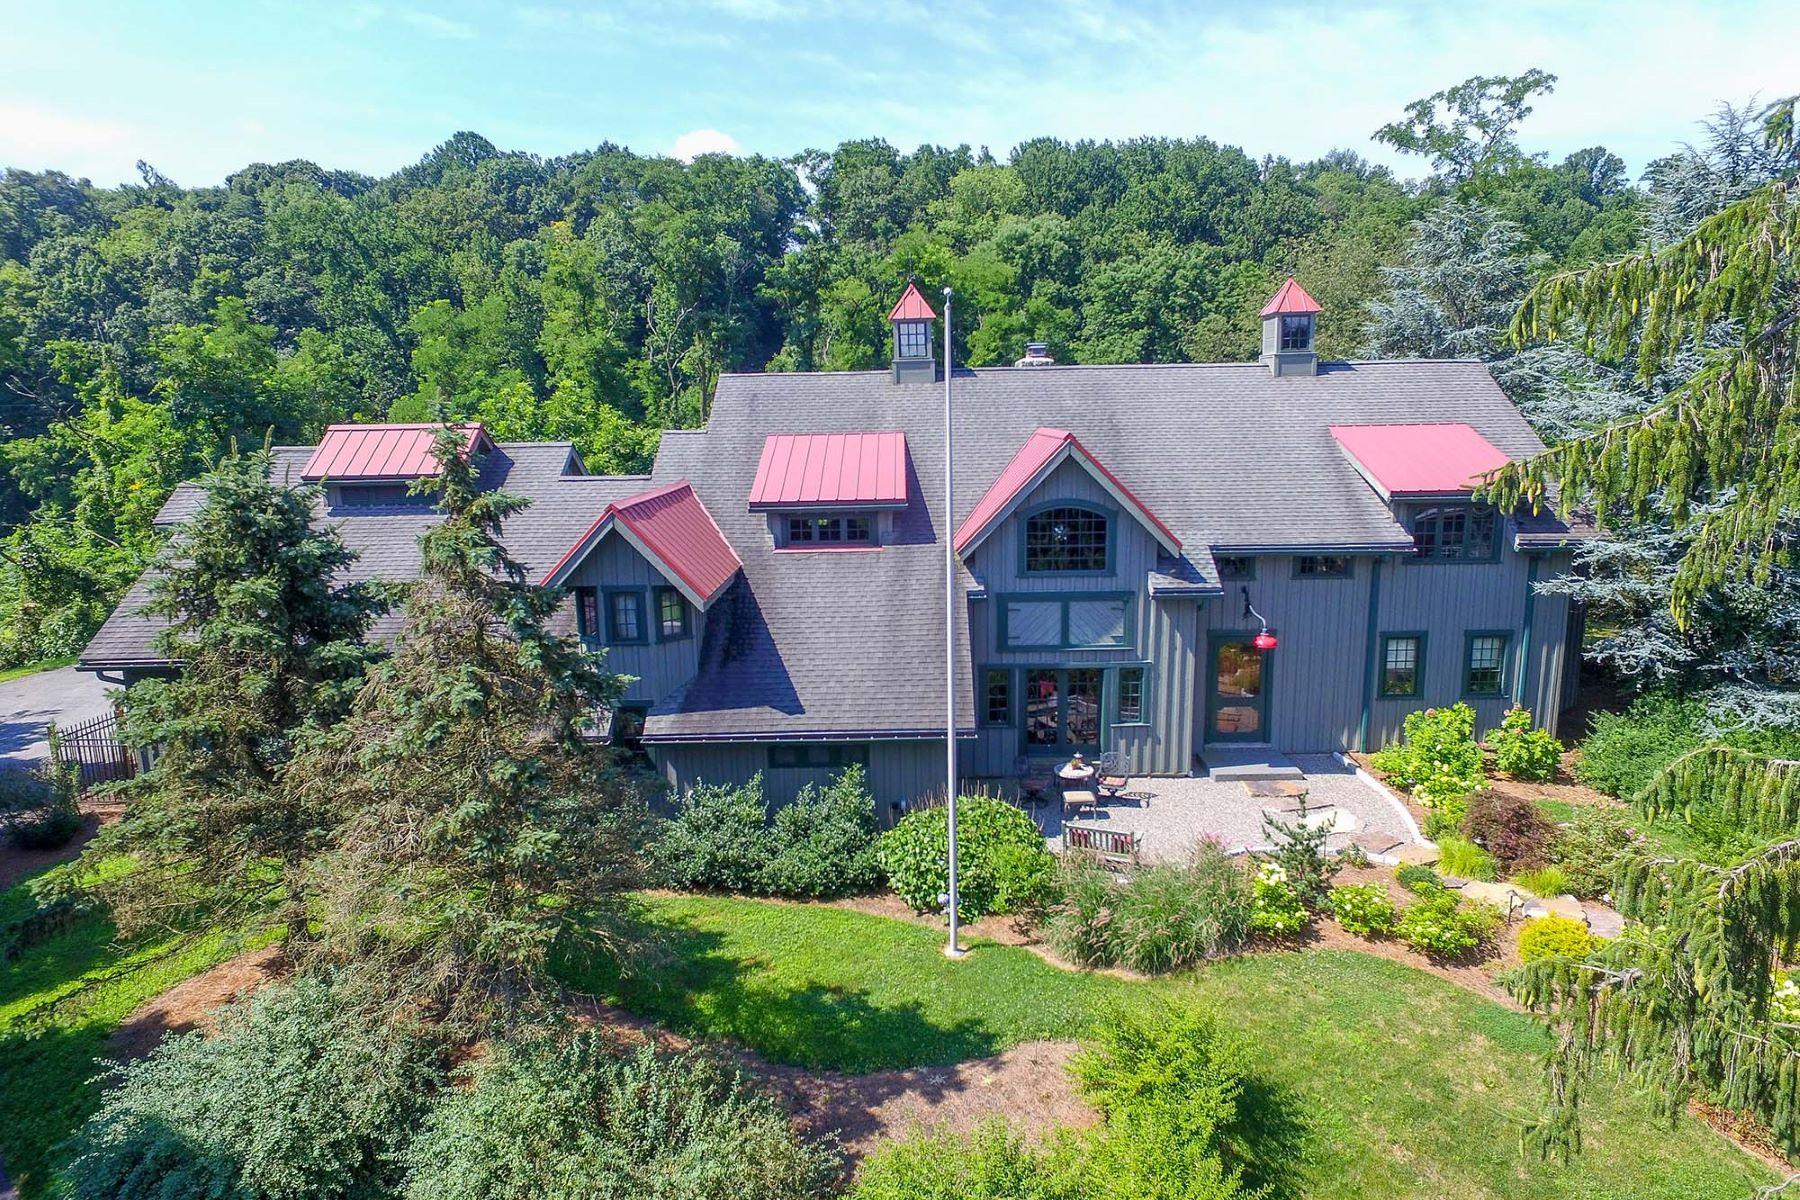 Частный односемейный дом для того Продажа на 73 Willow Creek Wrightsville, Пенсильвания 17368 Соединенные Штаты